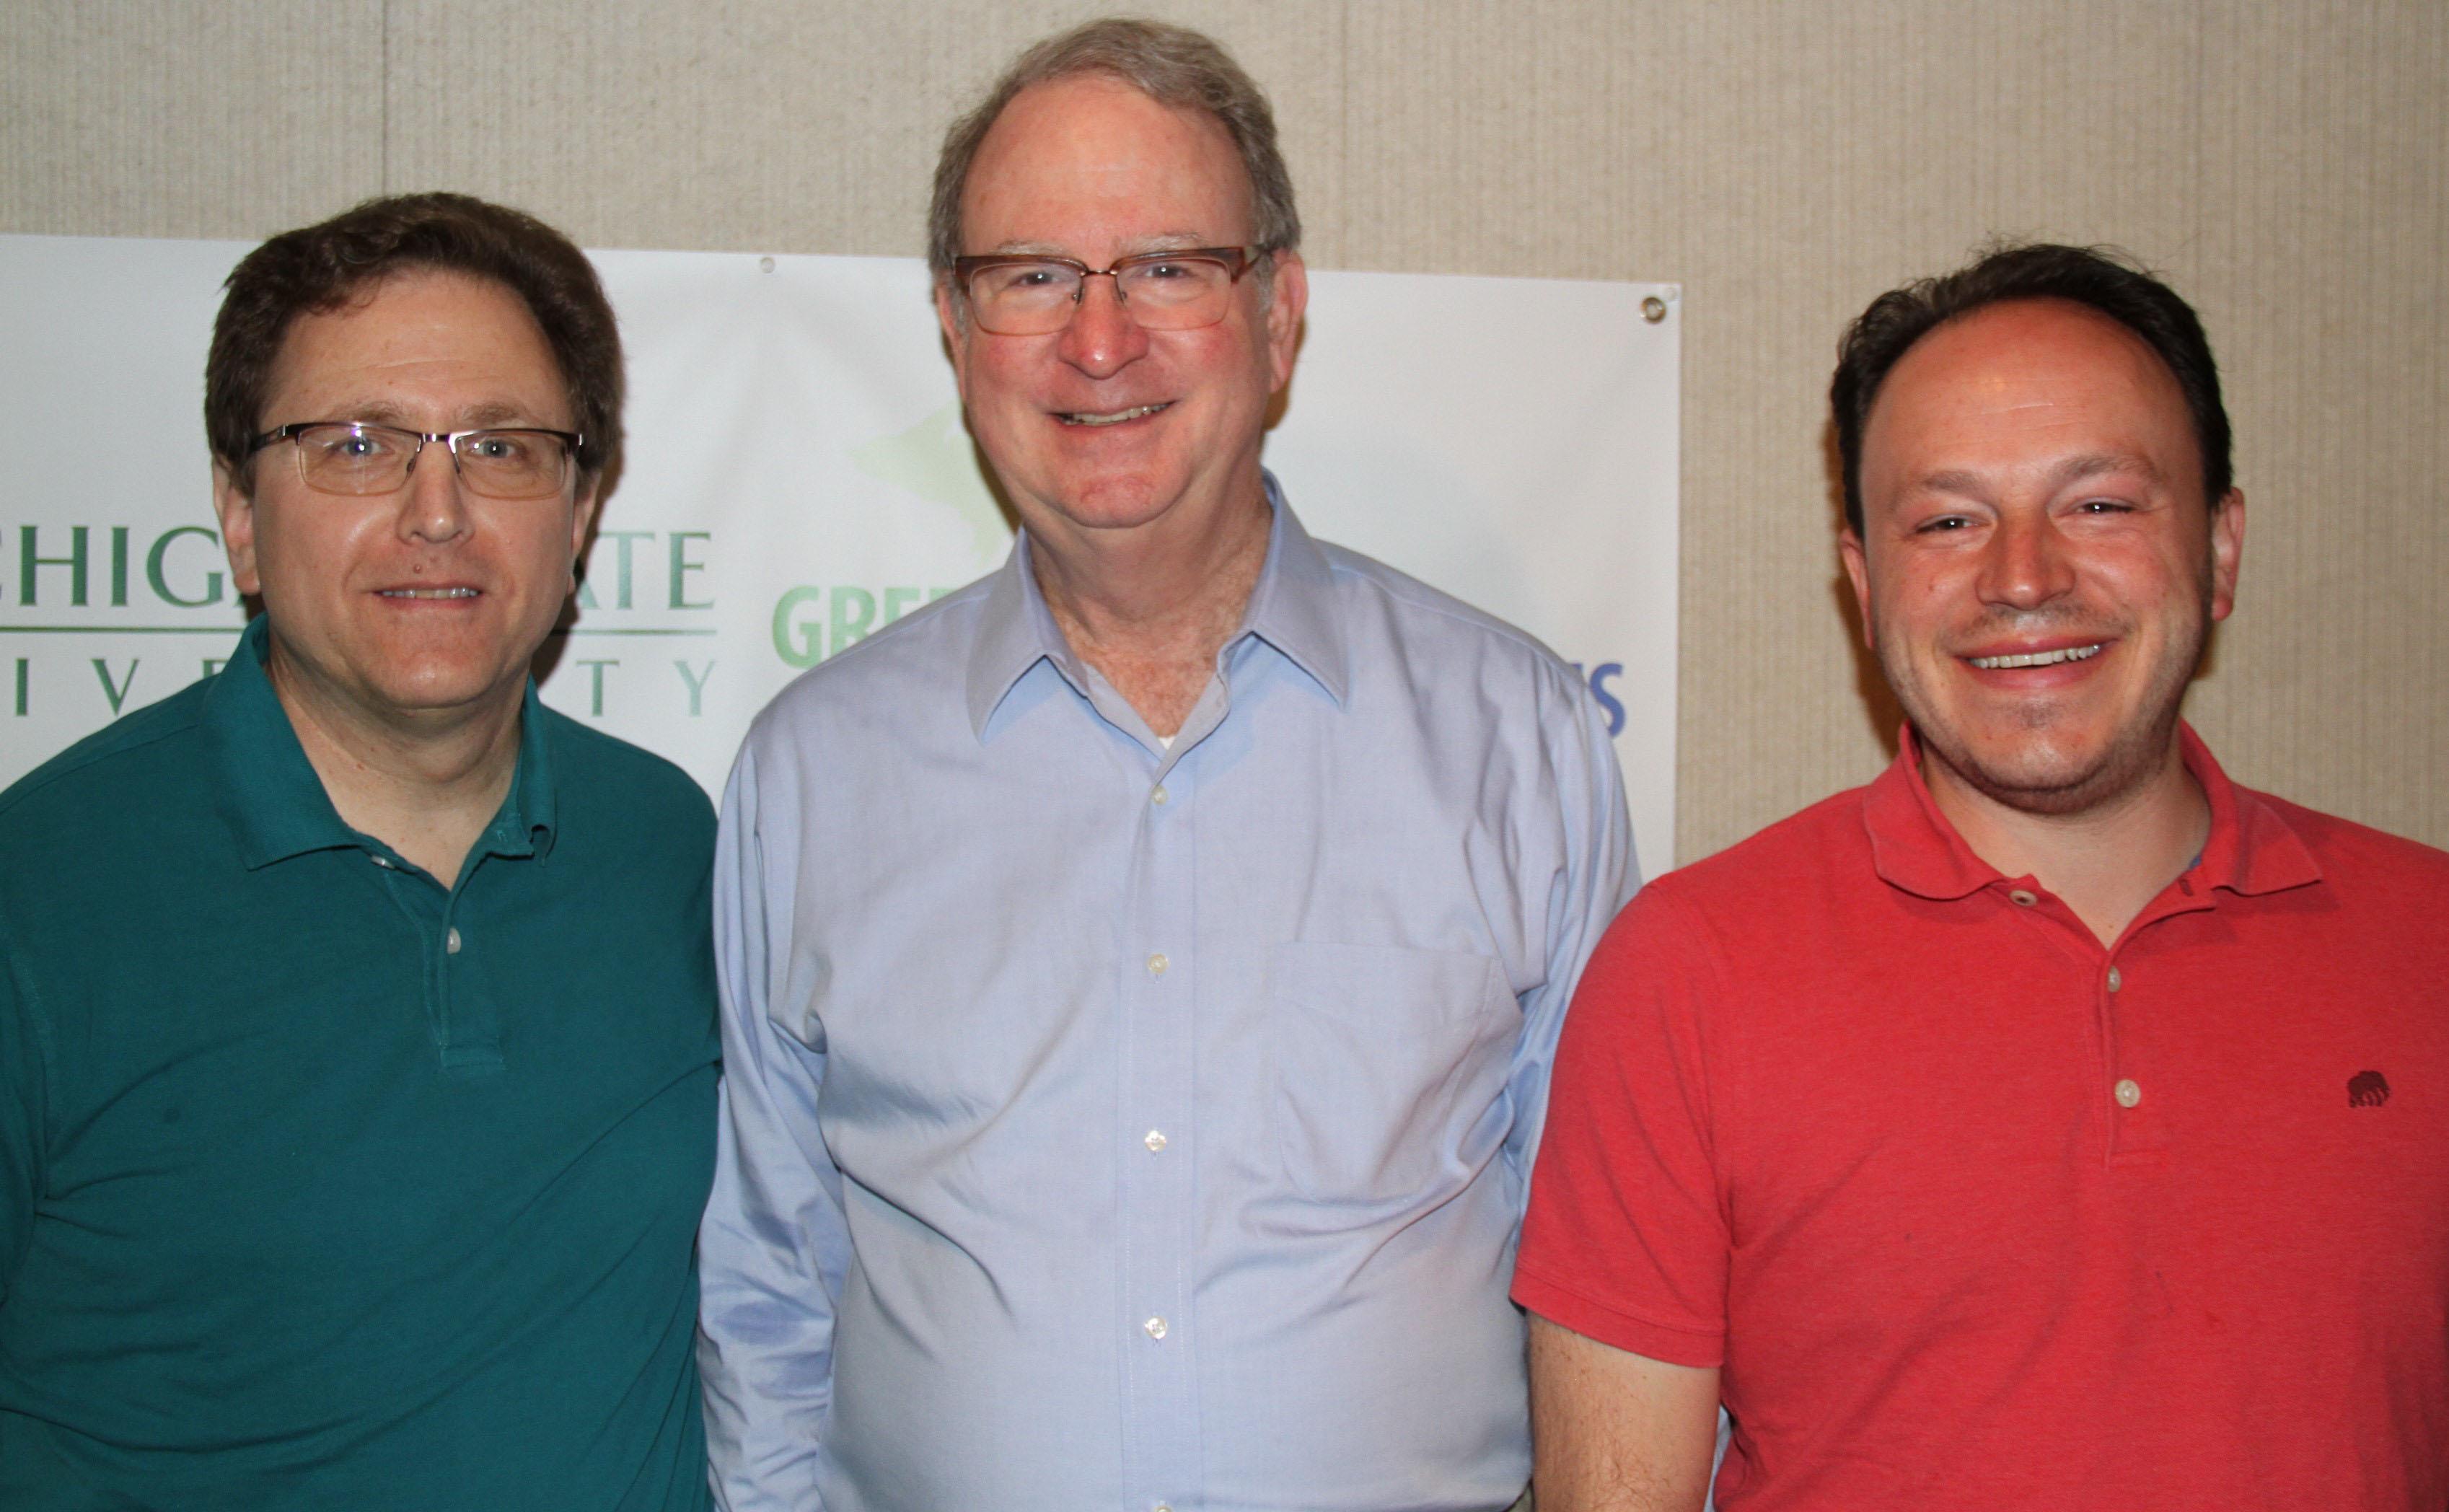 Arnold Weinfeld, Charles Ballard and Matt Grossmann